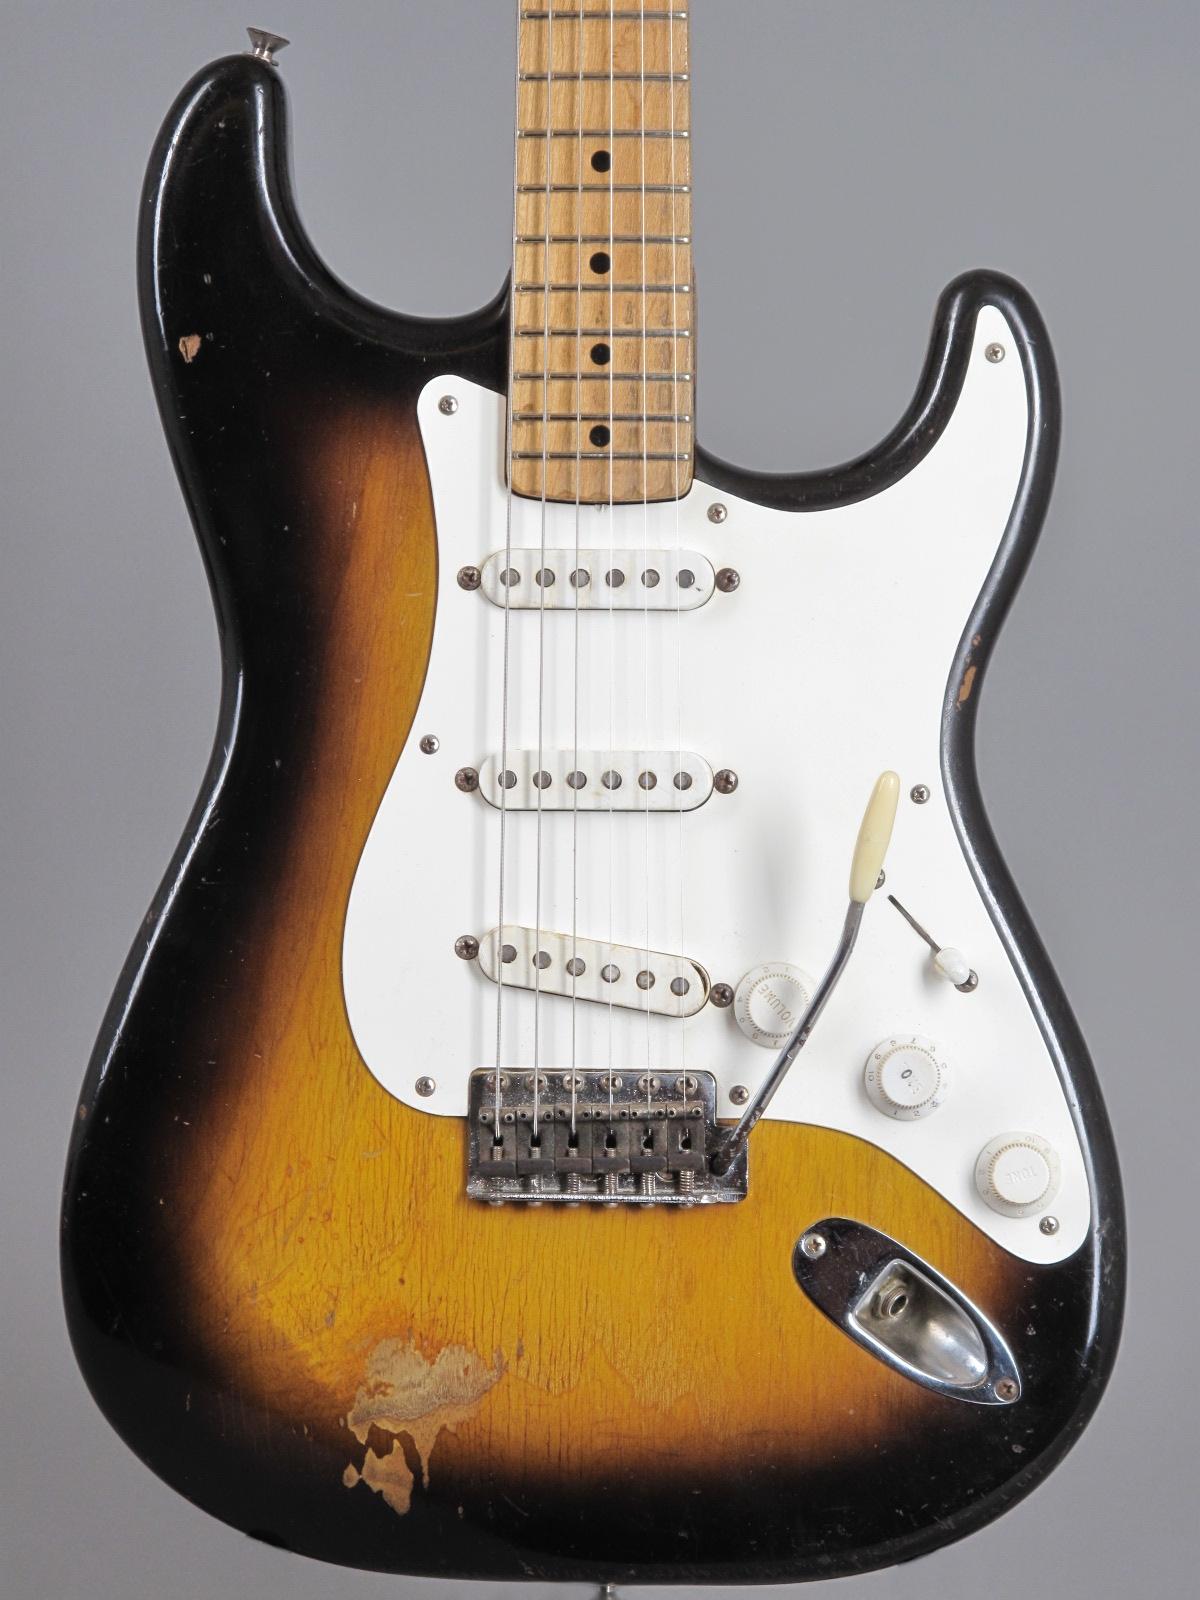 1956 Fender Stratocaster - 2-tone Sunburst ...only 3,17 Kg!